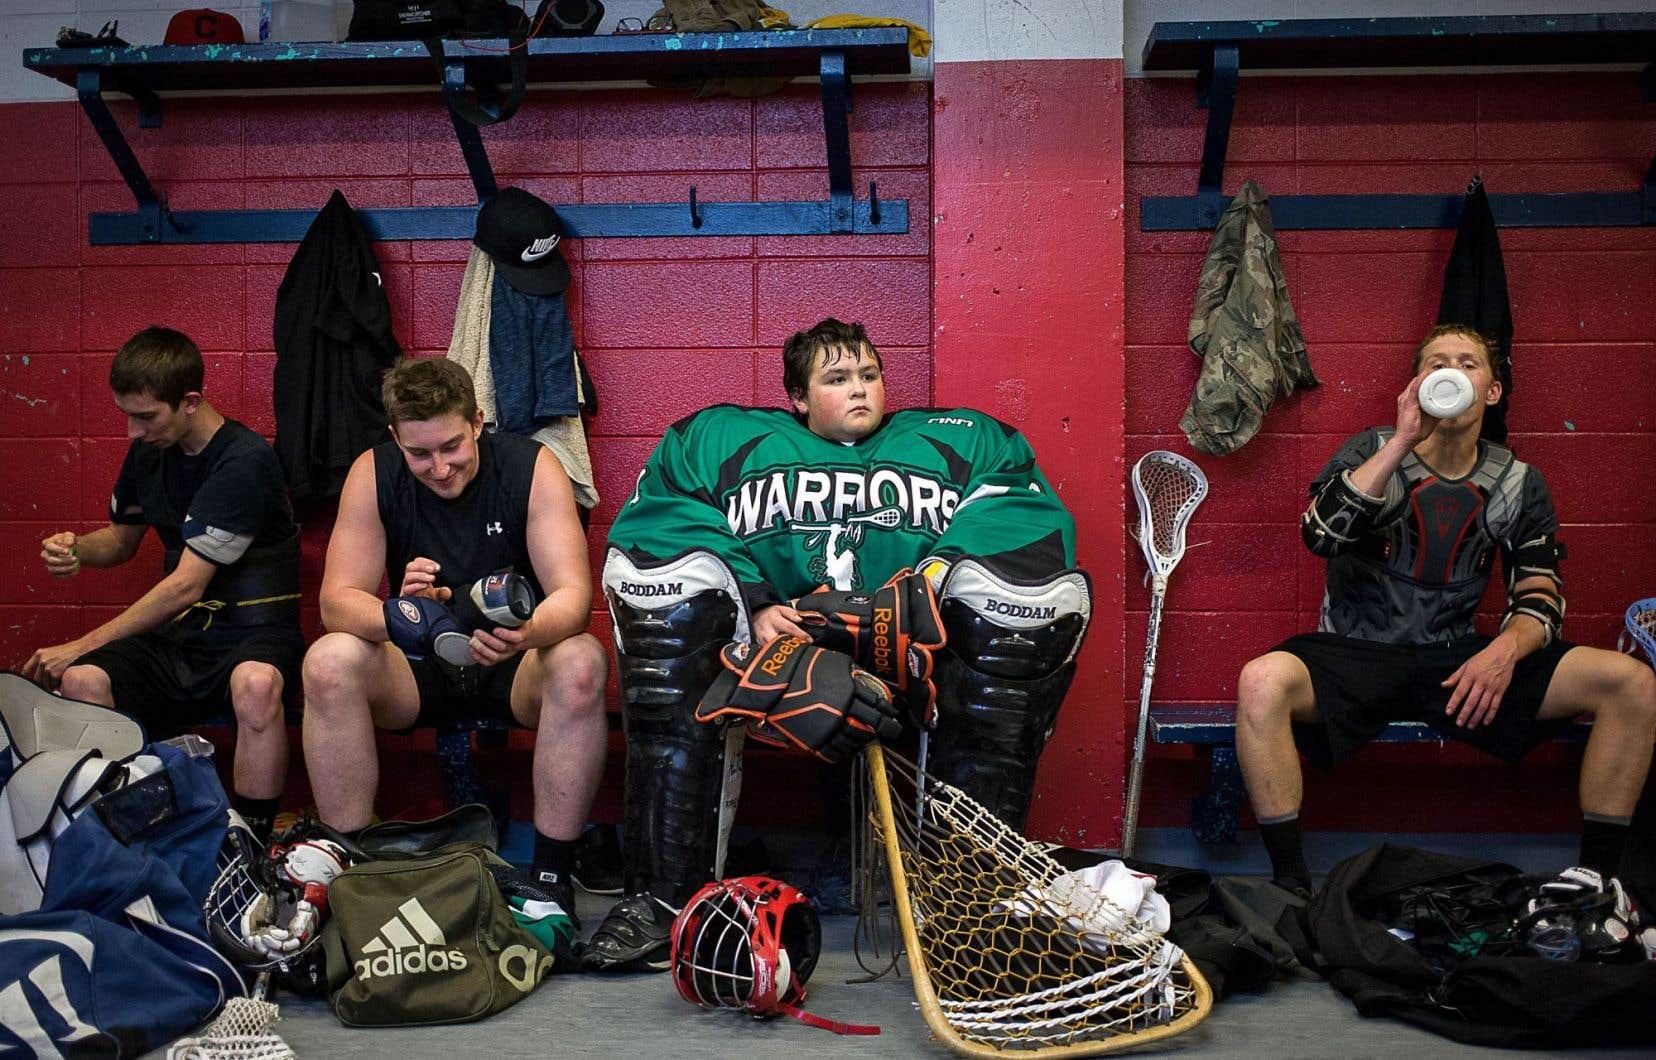 Les « warriors » sont maintenant joueurs de crosse... ou entrepreneurs sociaux.